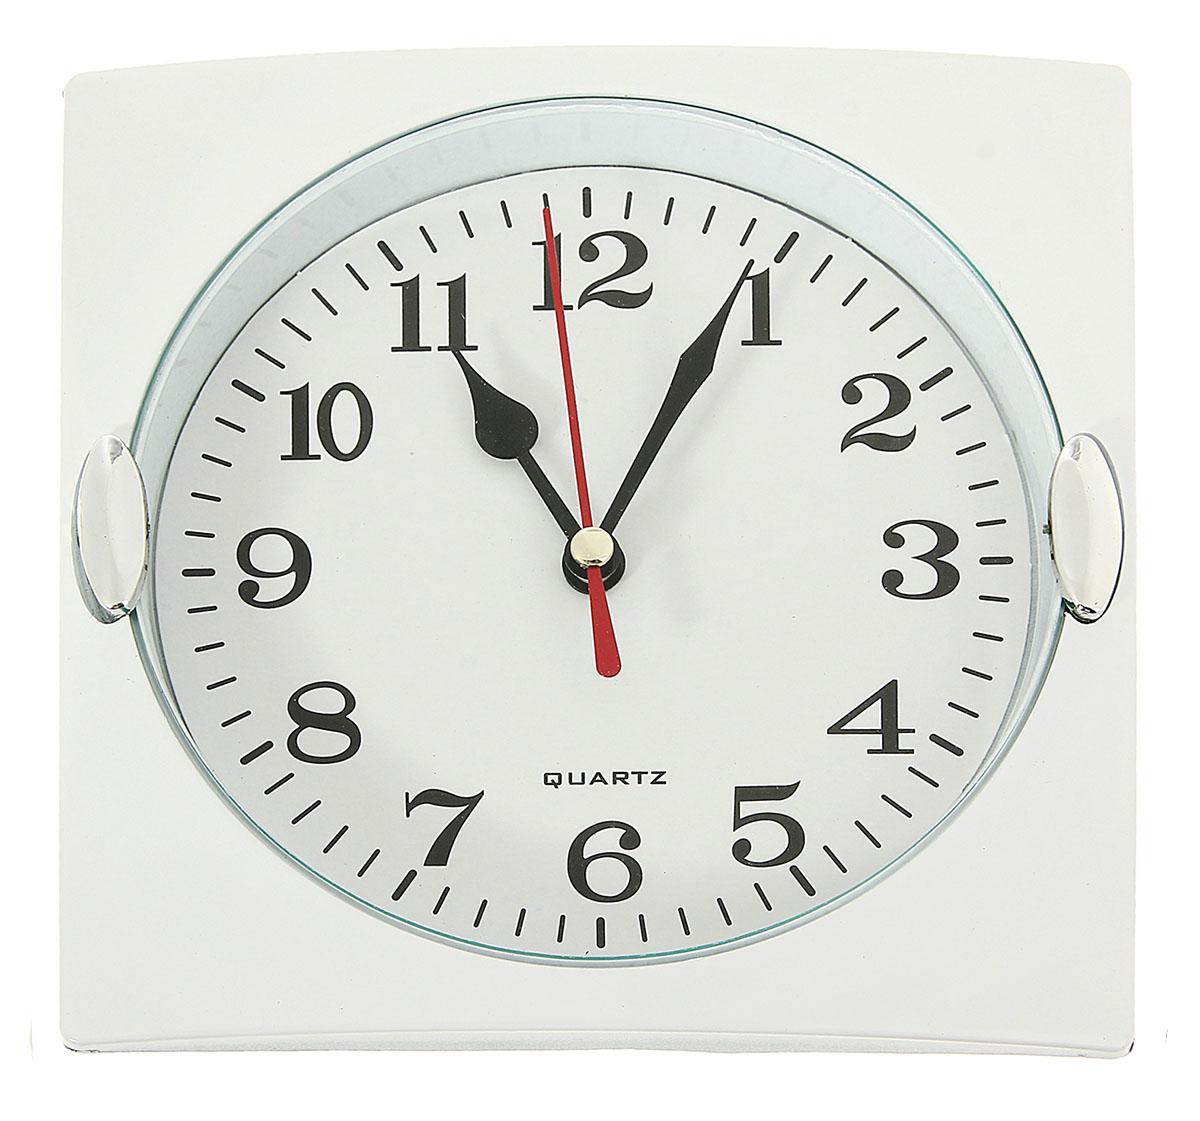 Часы настенные с 2 держателями, цвет: хром, белый, 15 х 15 см831336Каждому хозяину периодически приходит мысль обновить свою квартиру, сделать ремонт, перестановку или кардинально поменять внешний вид каждой комнаты. Часы настенные квадратные Белоснежные, 15 ? 15 см, рама белая, 2 держателя хром — привлекательная деталь, которая поможет воплотить вашу интерьерную идею, создать неповторимую атмосферу в вашем доме. Окружите себя приятными мелочами, пусть они радуют глаз и дарят гармонию.Часы настенные квадрат, рама хром с 2 держ овал, циферблат белый 15х15см 831336